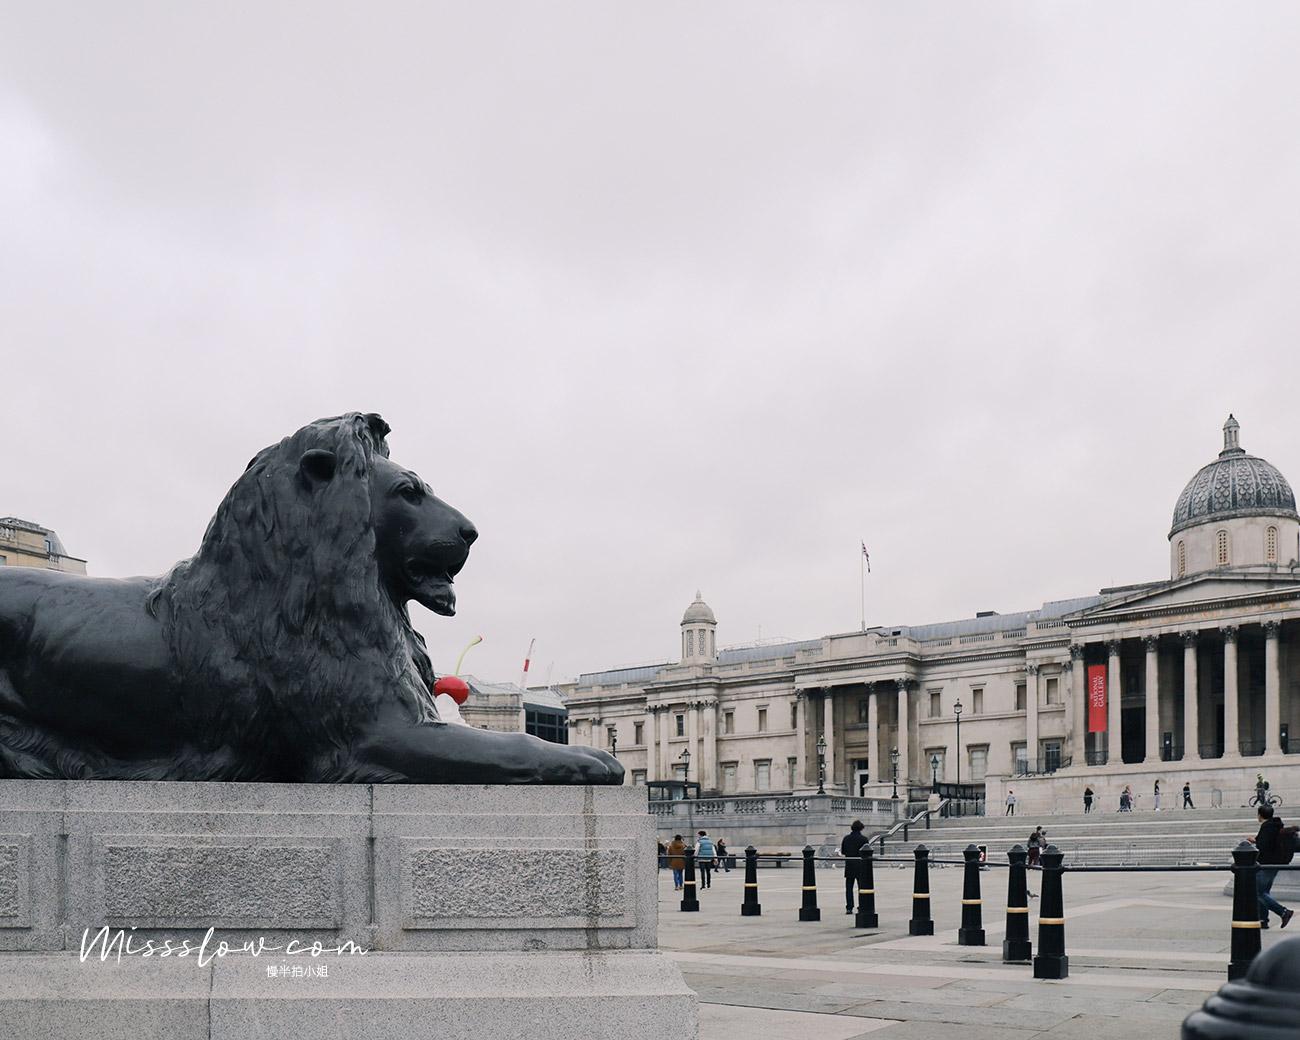 特拉法加廣場Trafalgar Square的必看5大重點&周邊的4間人氣咖啡店!-銅獅子